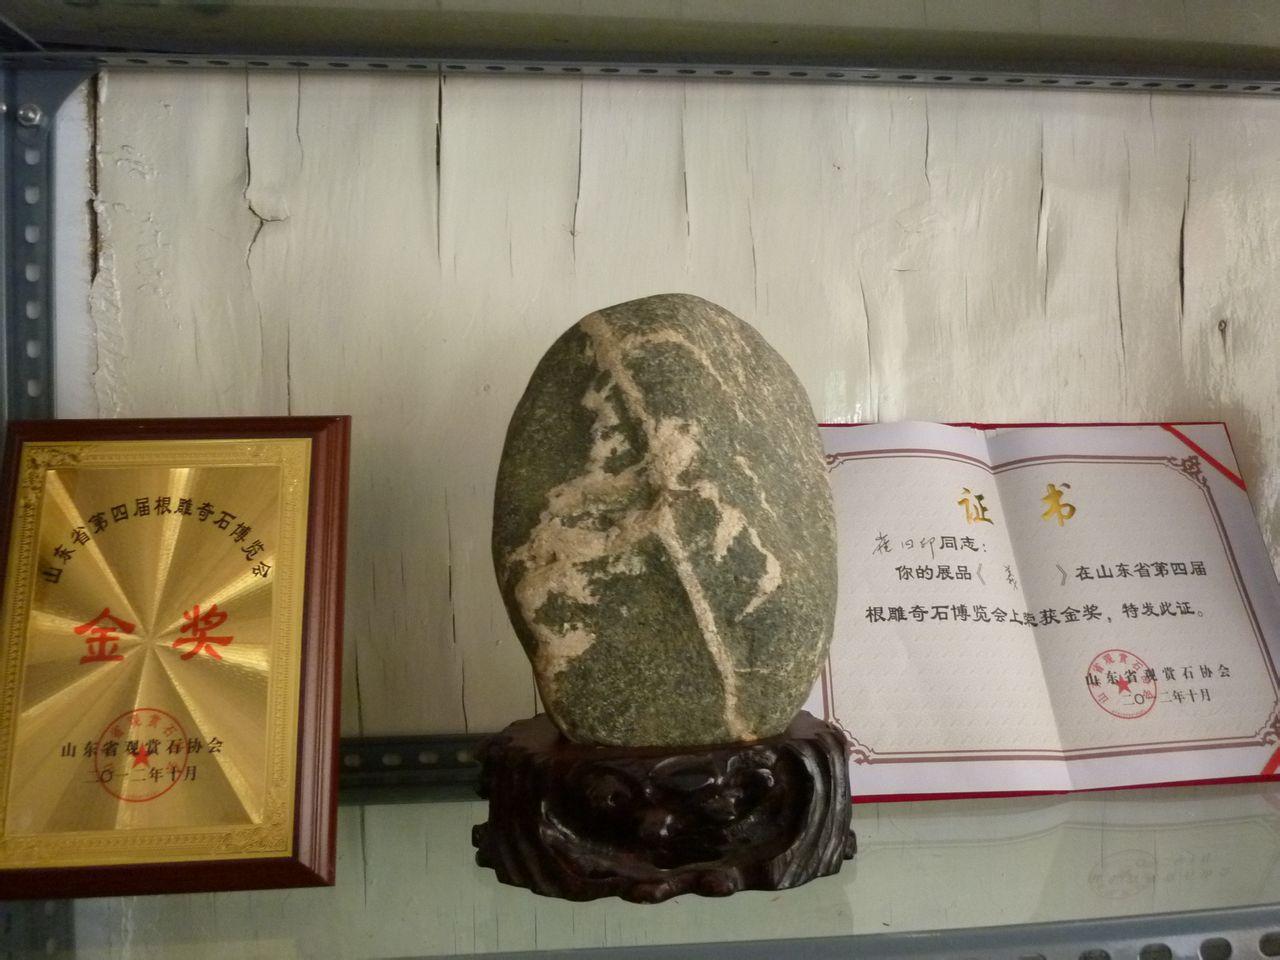 泰山奇石作品金奖_泰山奇石作品金奖设计